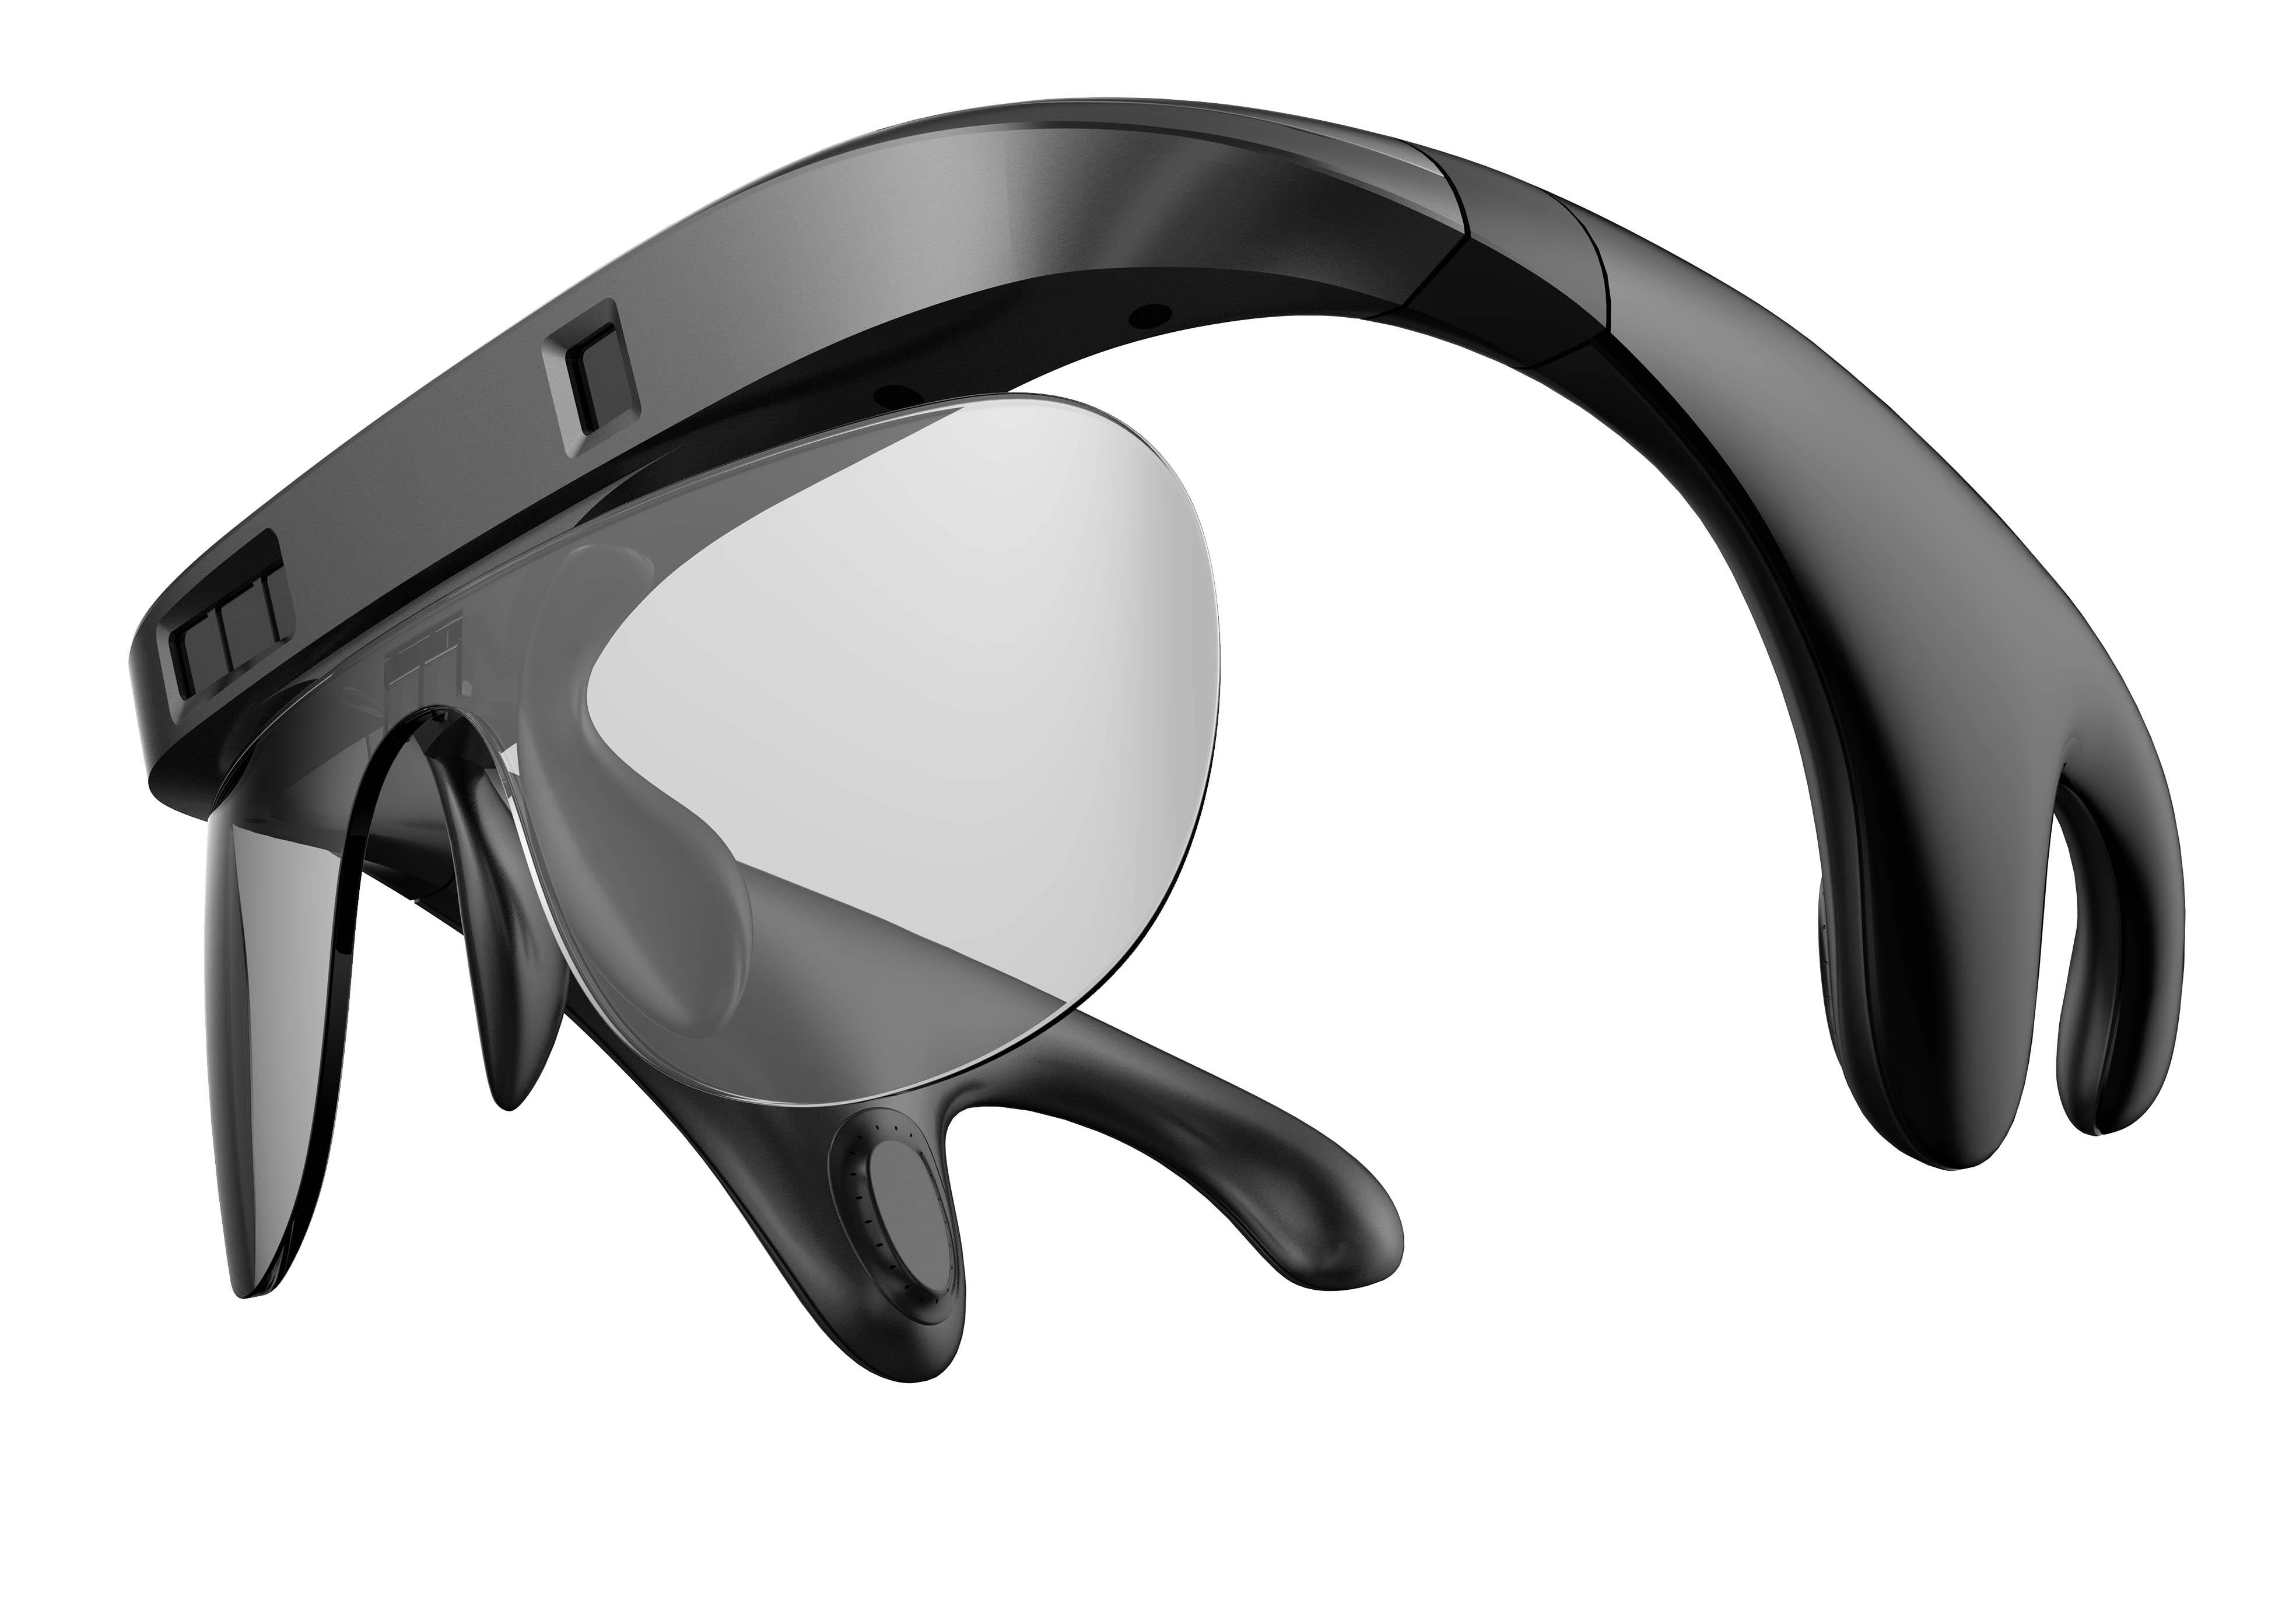 盲人眼镜_产品设计-来设计